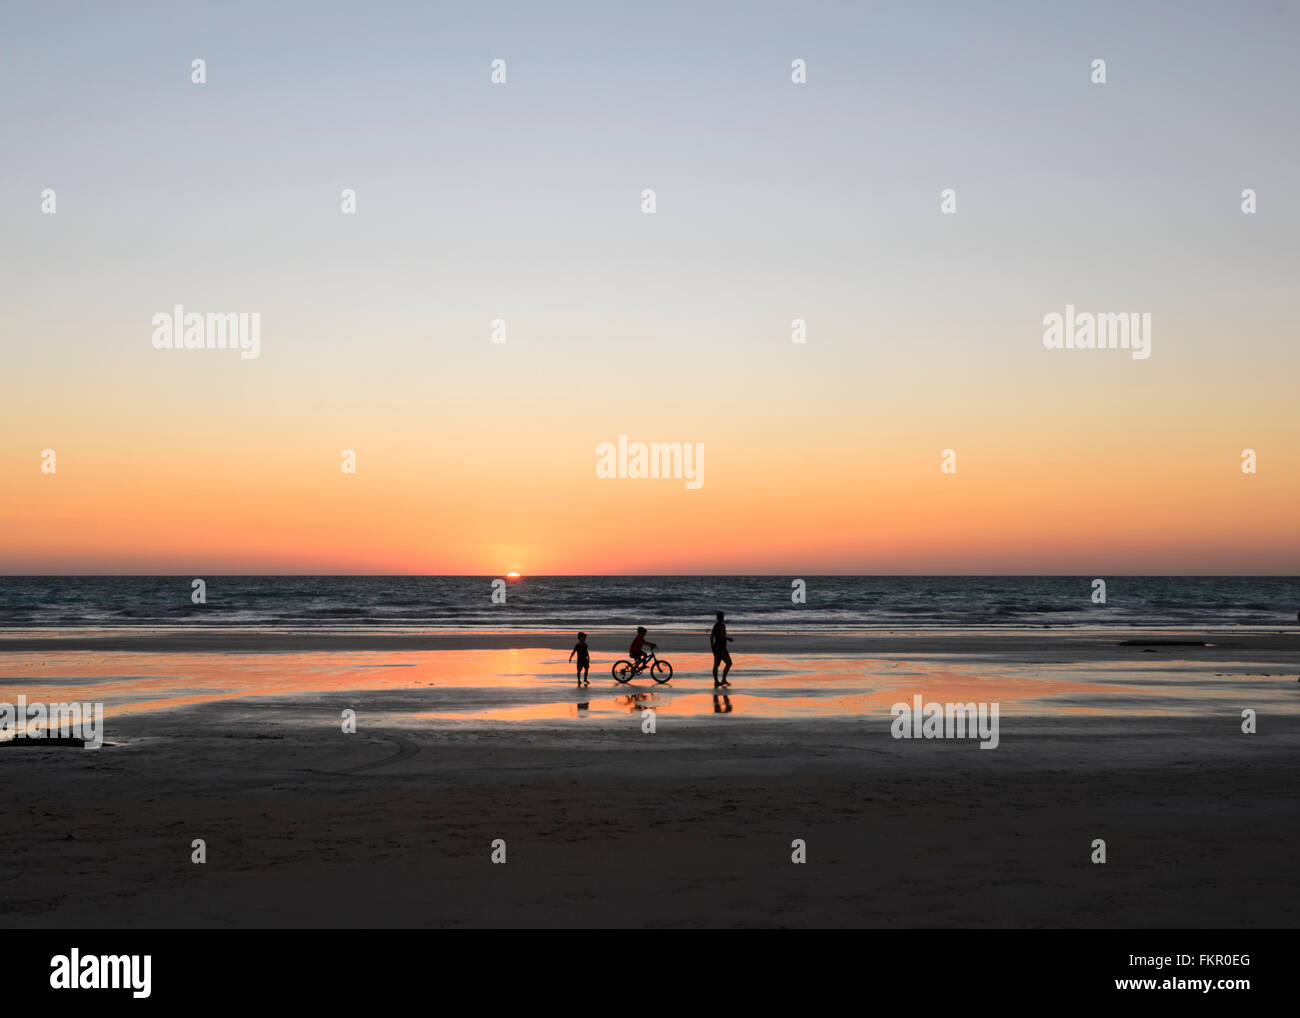 Familia al atardecer en la playa Cable de Broome, región de Kimberley, en Australia Occidental, WA, Australia Foto de stock